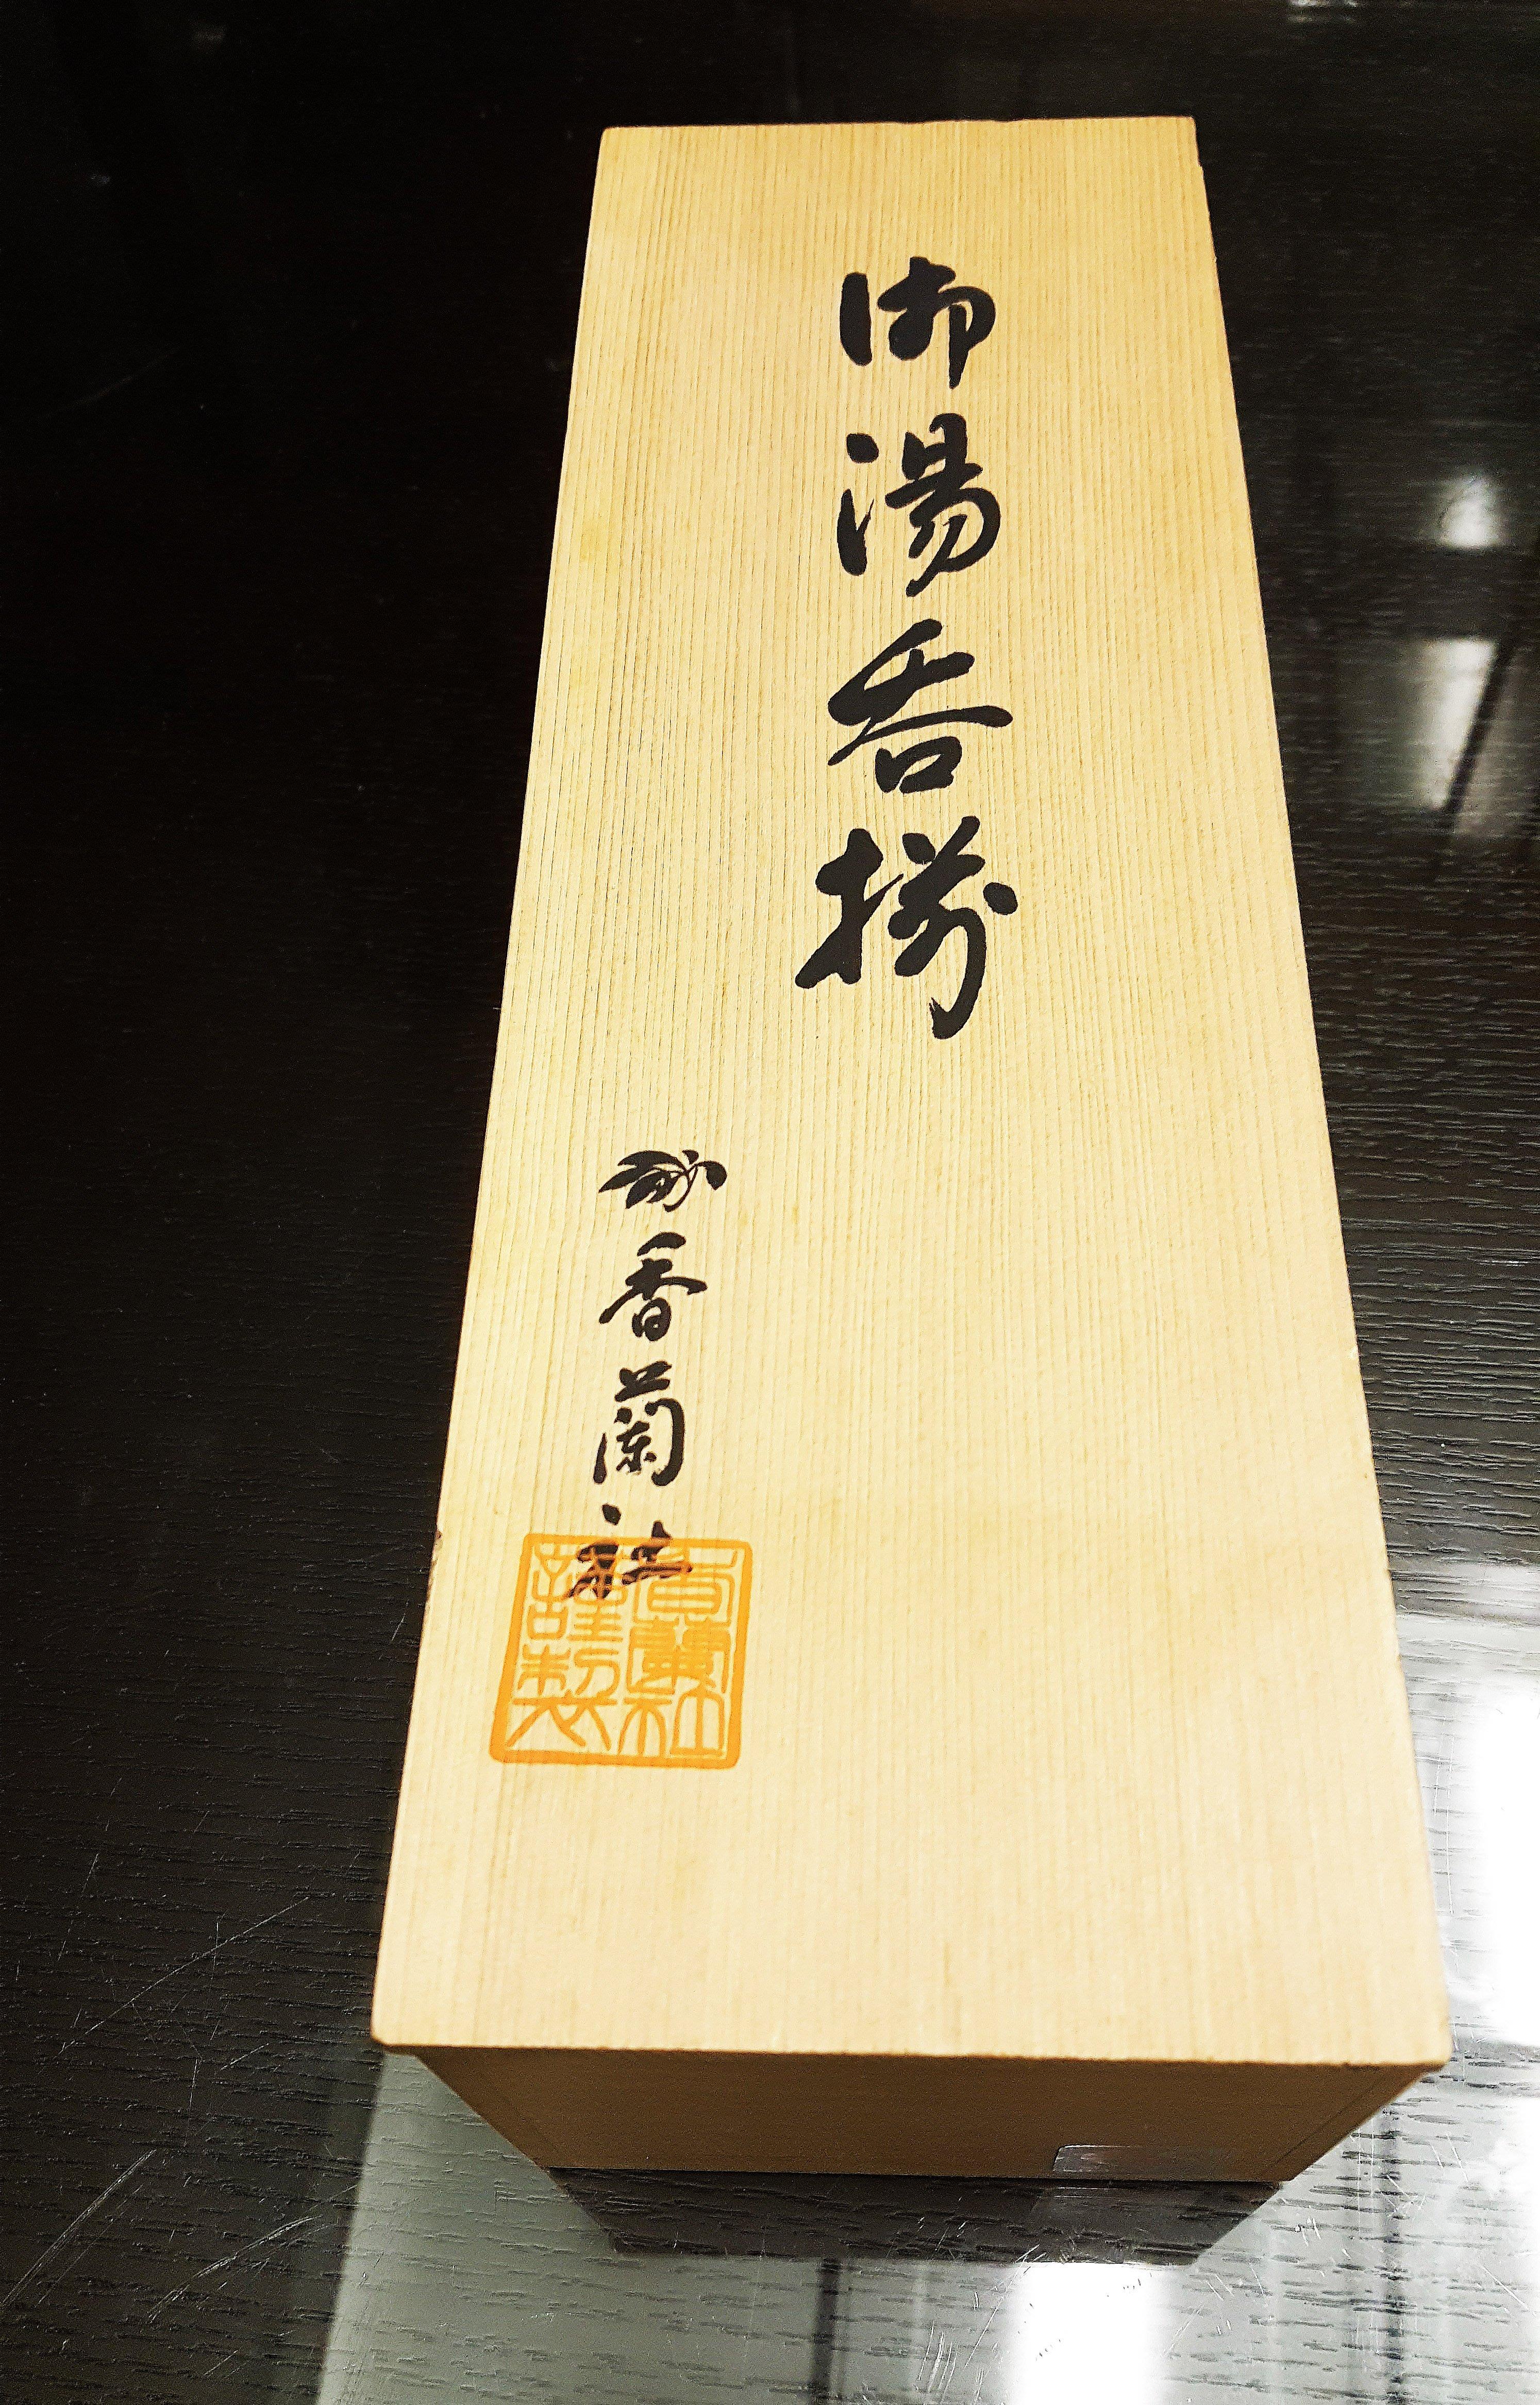 《廣寶閣》日本有田燒細緻茶碗組 香蘭社 お湯呑茶碗グリーン5客セット 木箱入り